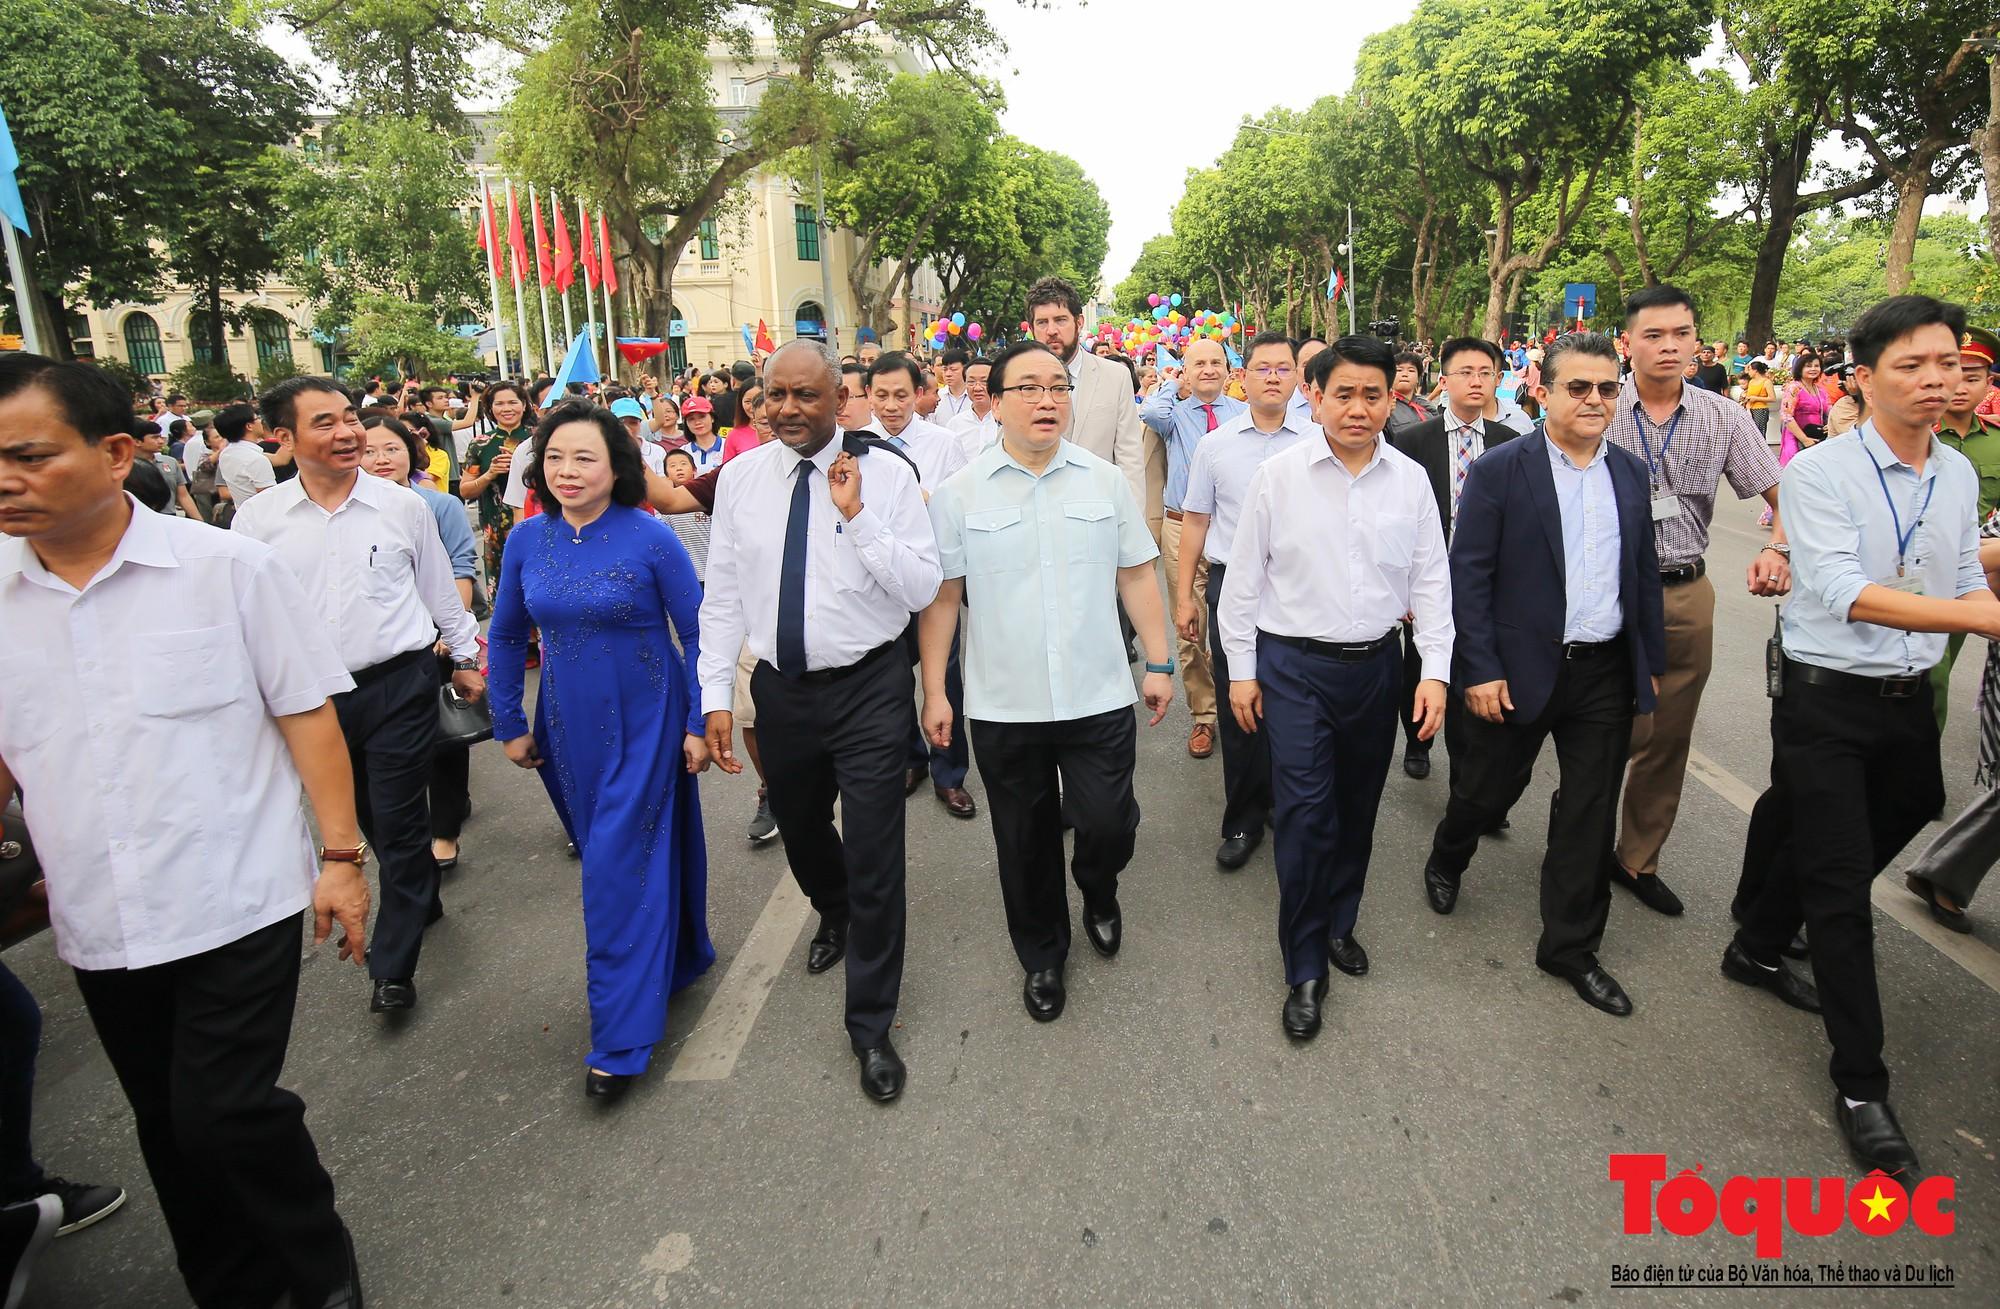 """Lễ kỷ niệm 20 năm thành phố Hà Nội đón nhận danh hiệu """"Thành phố Vì hòa bình"""" (6)"""